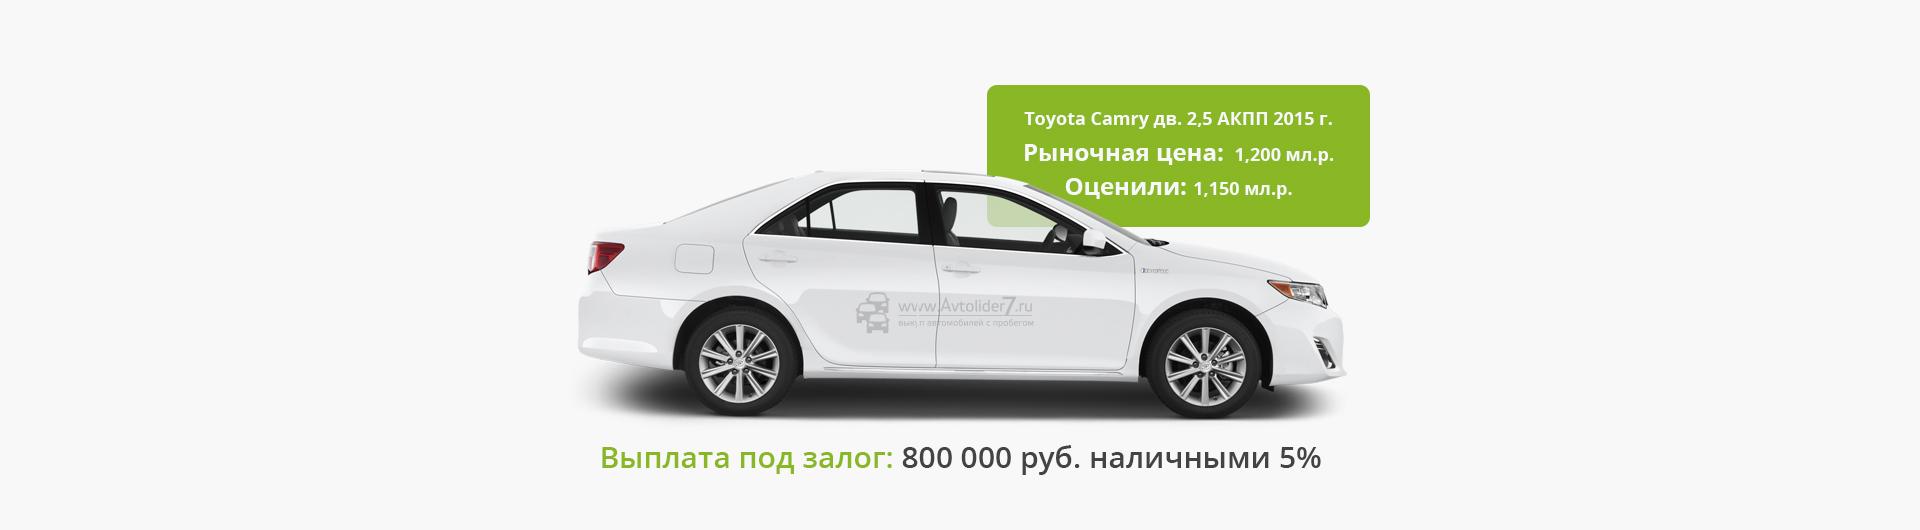 Займы под залог ювелирных изделий за 1 700 рублей в